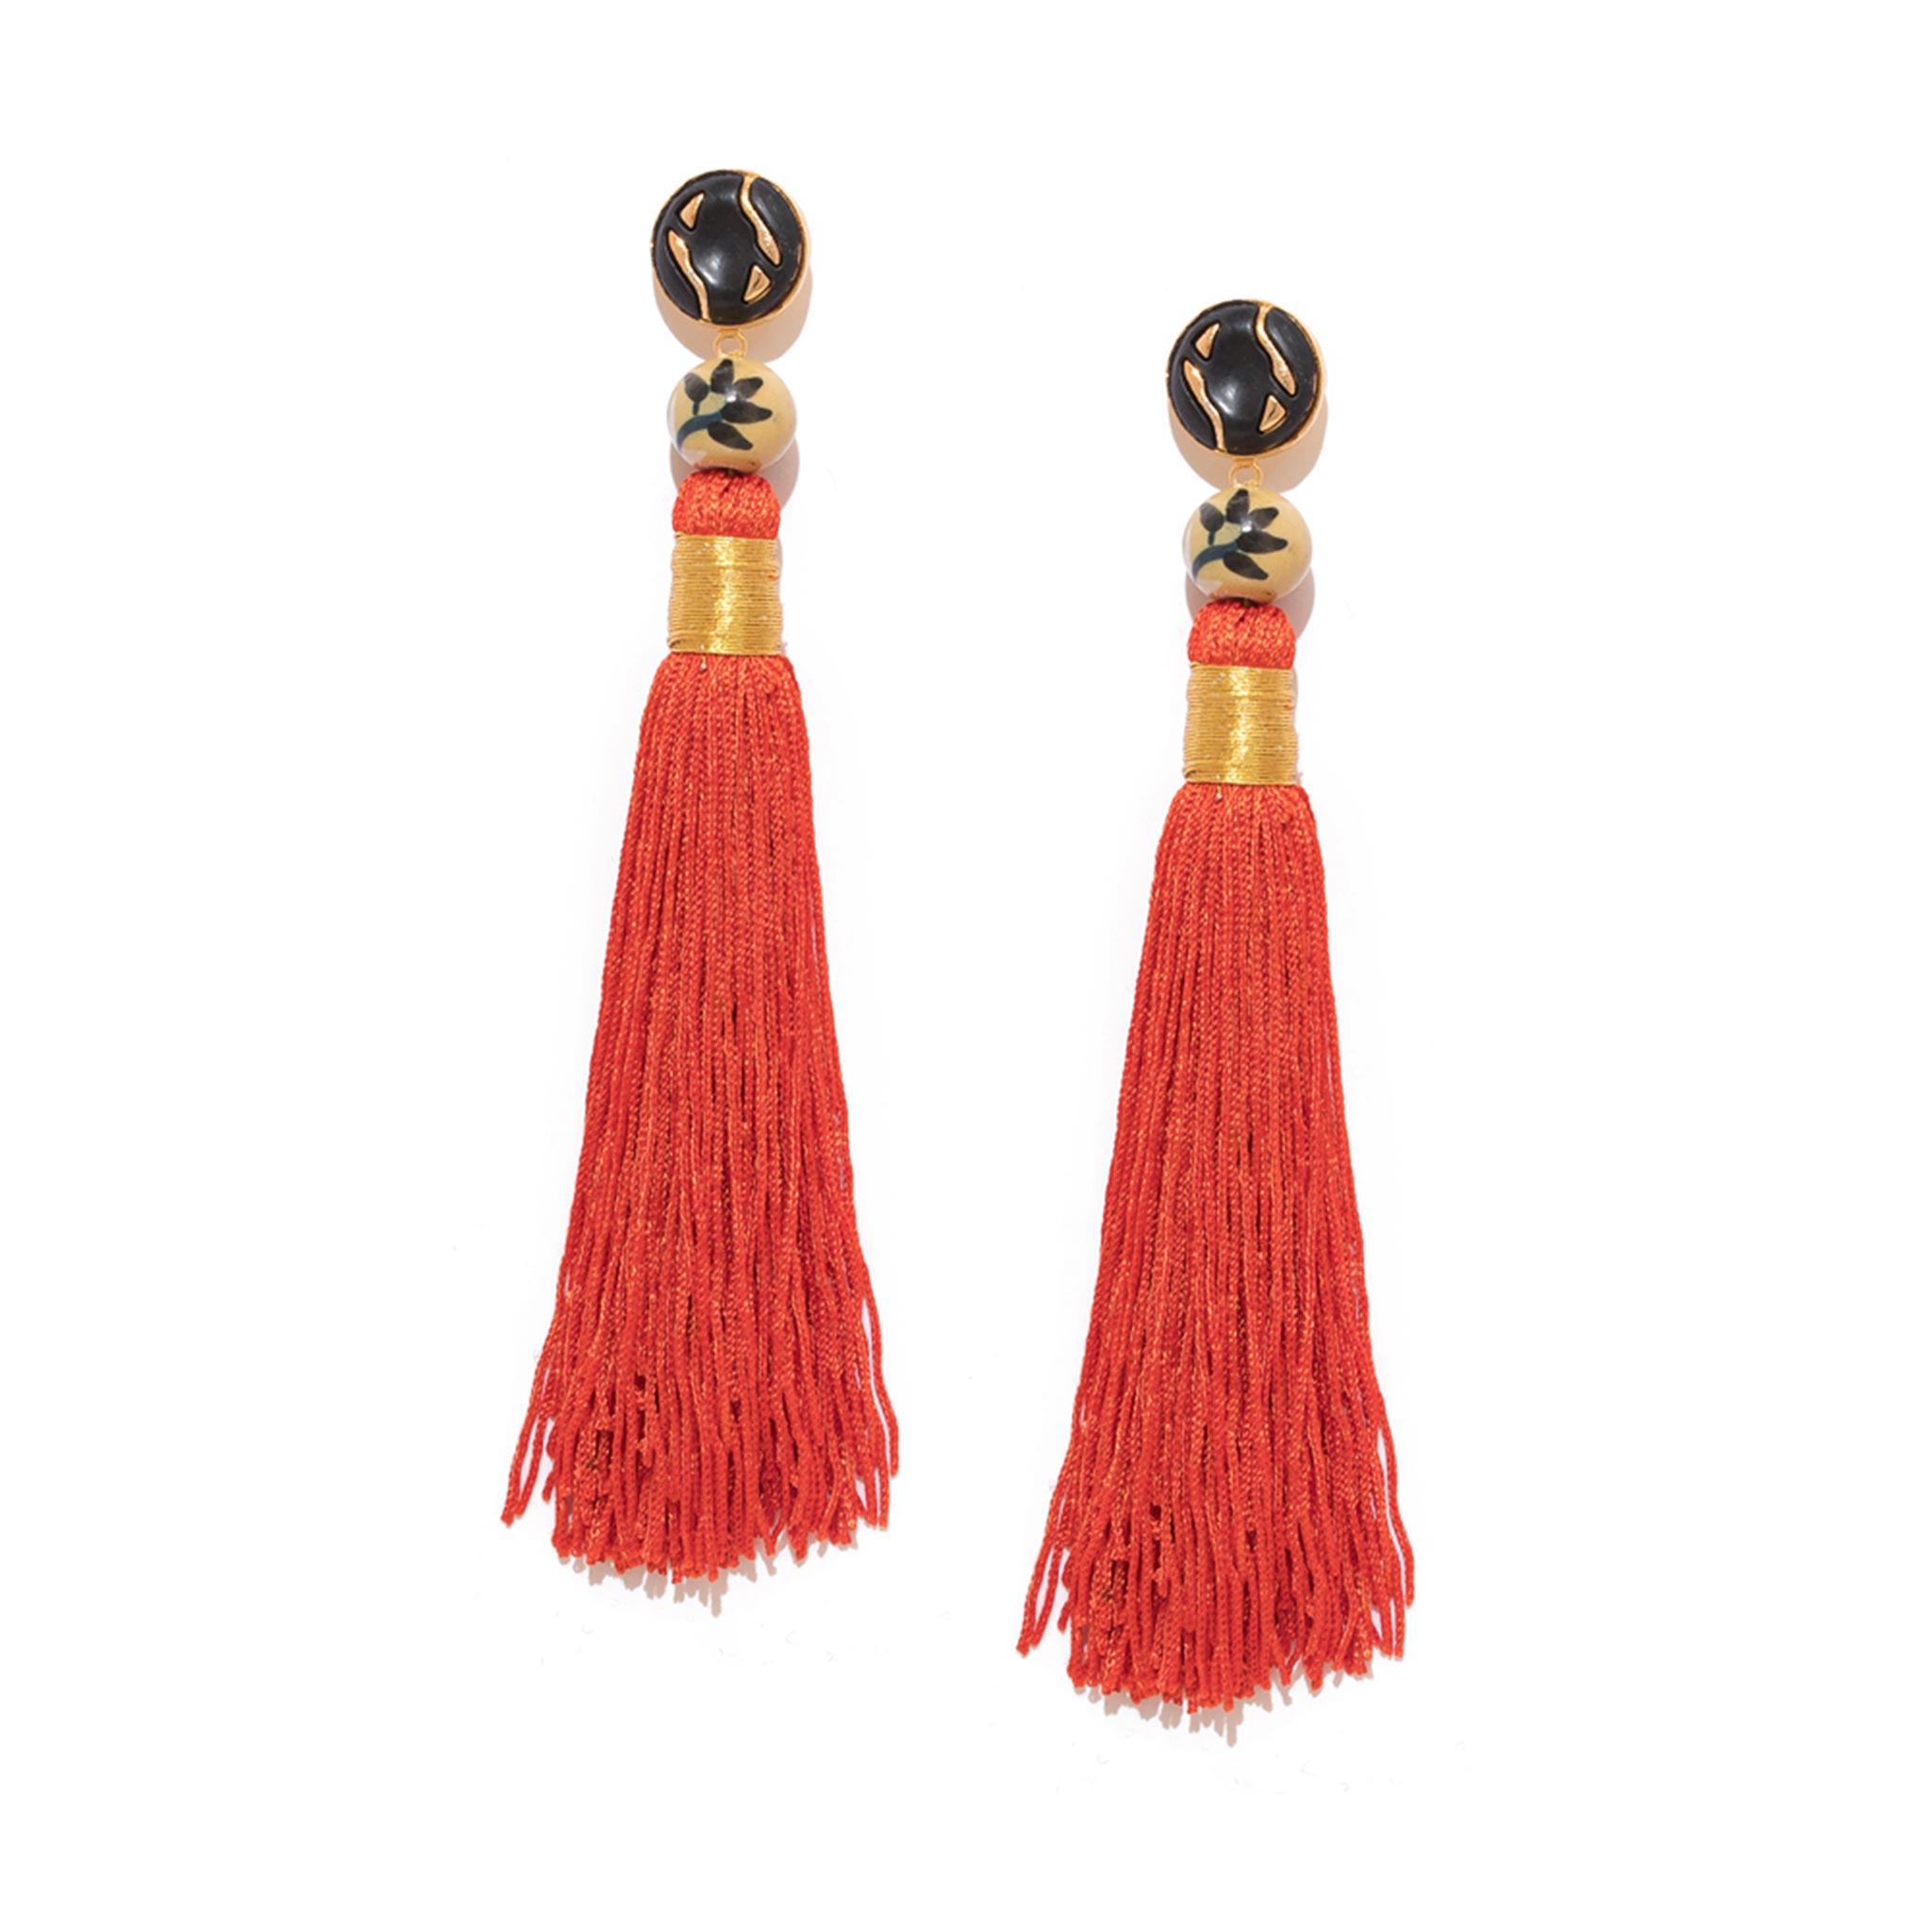 Valliyan Nitya Arora Gold Plated Silk Tassel Earrings Red Orange